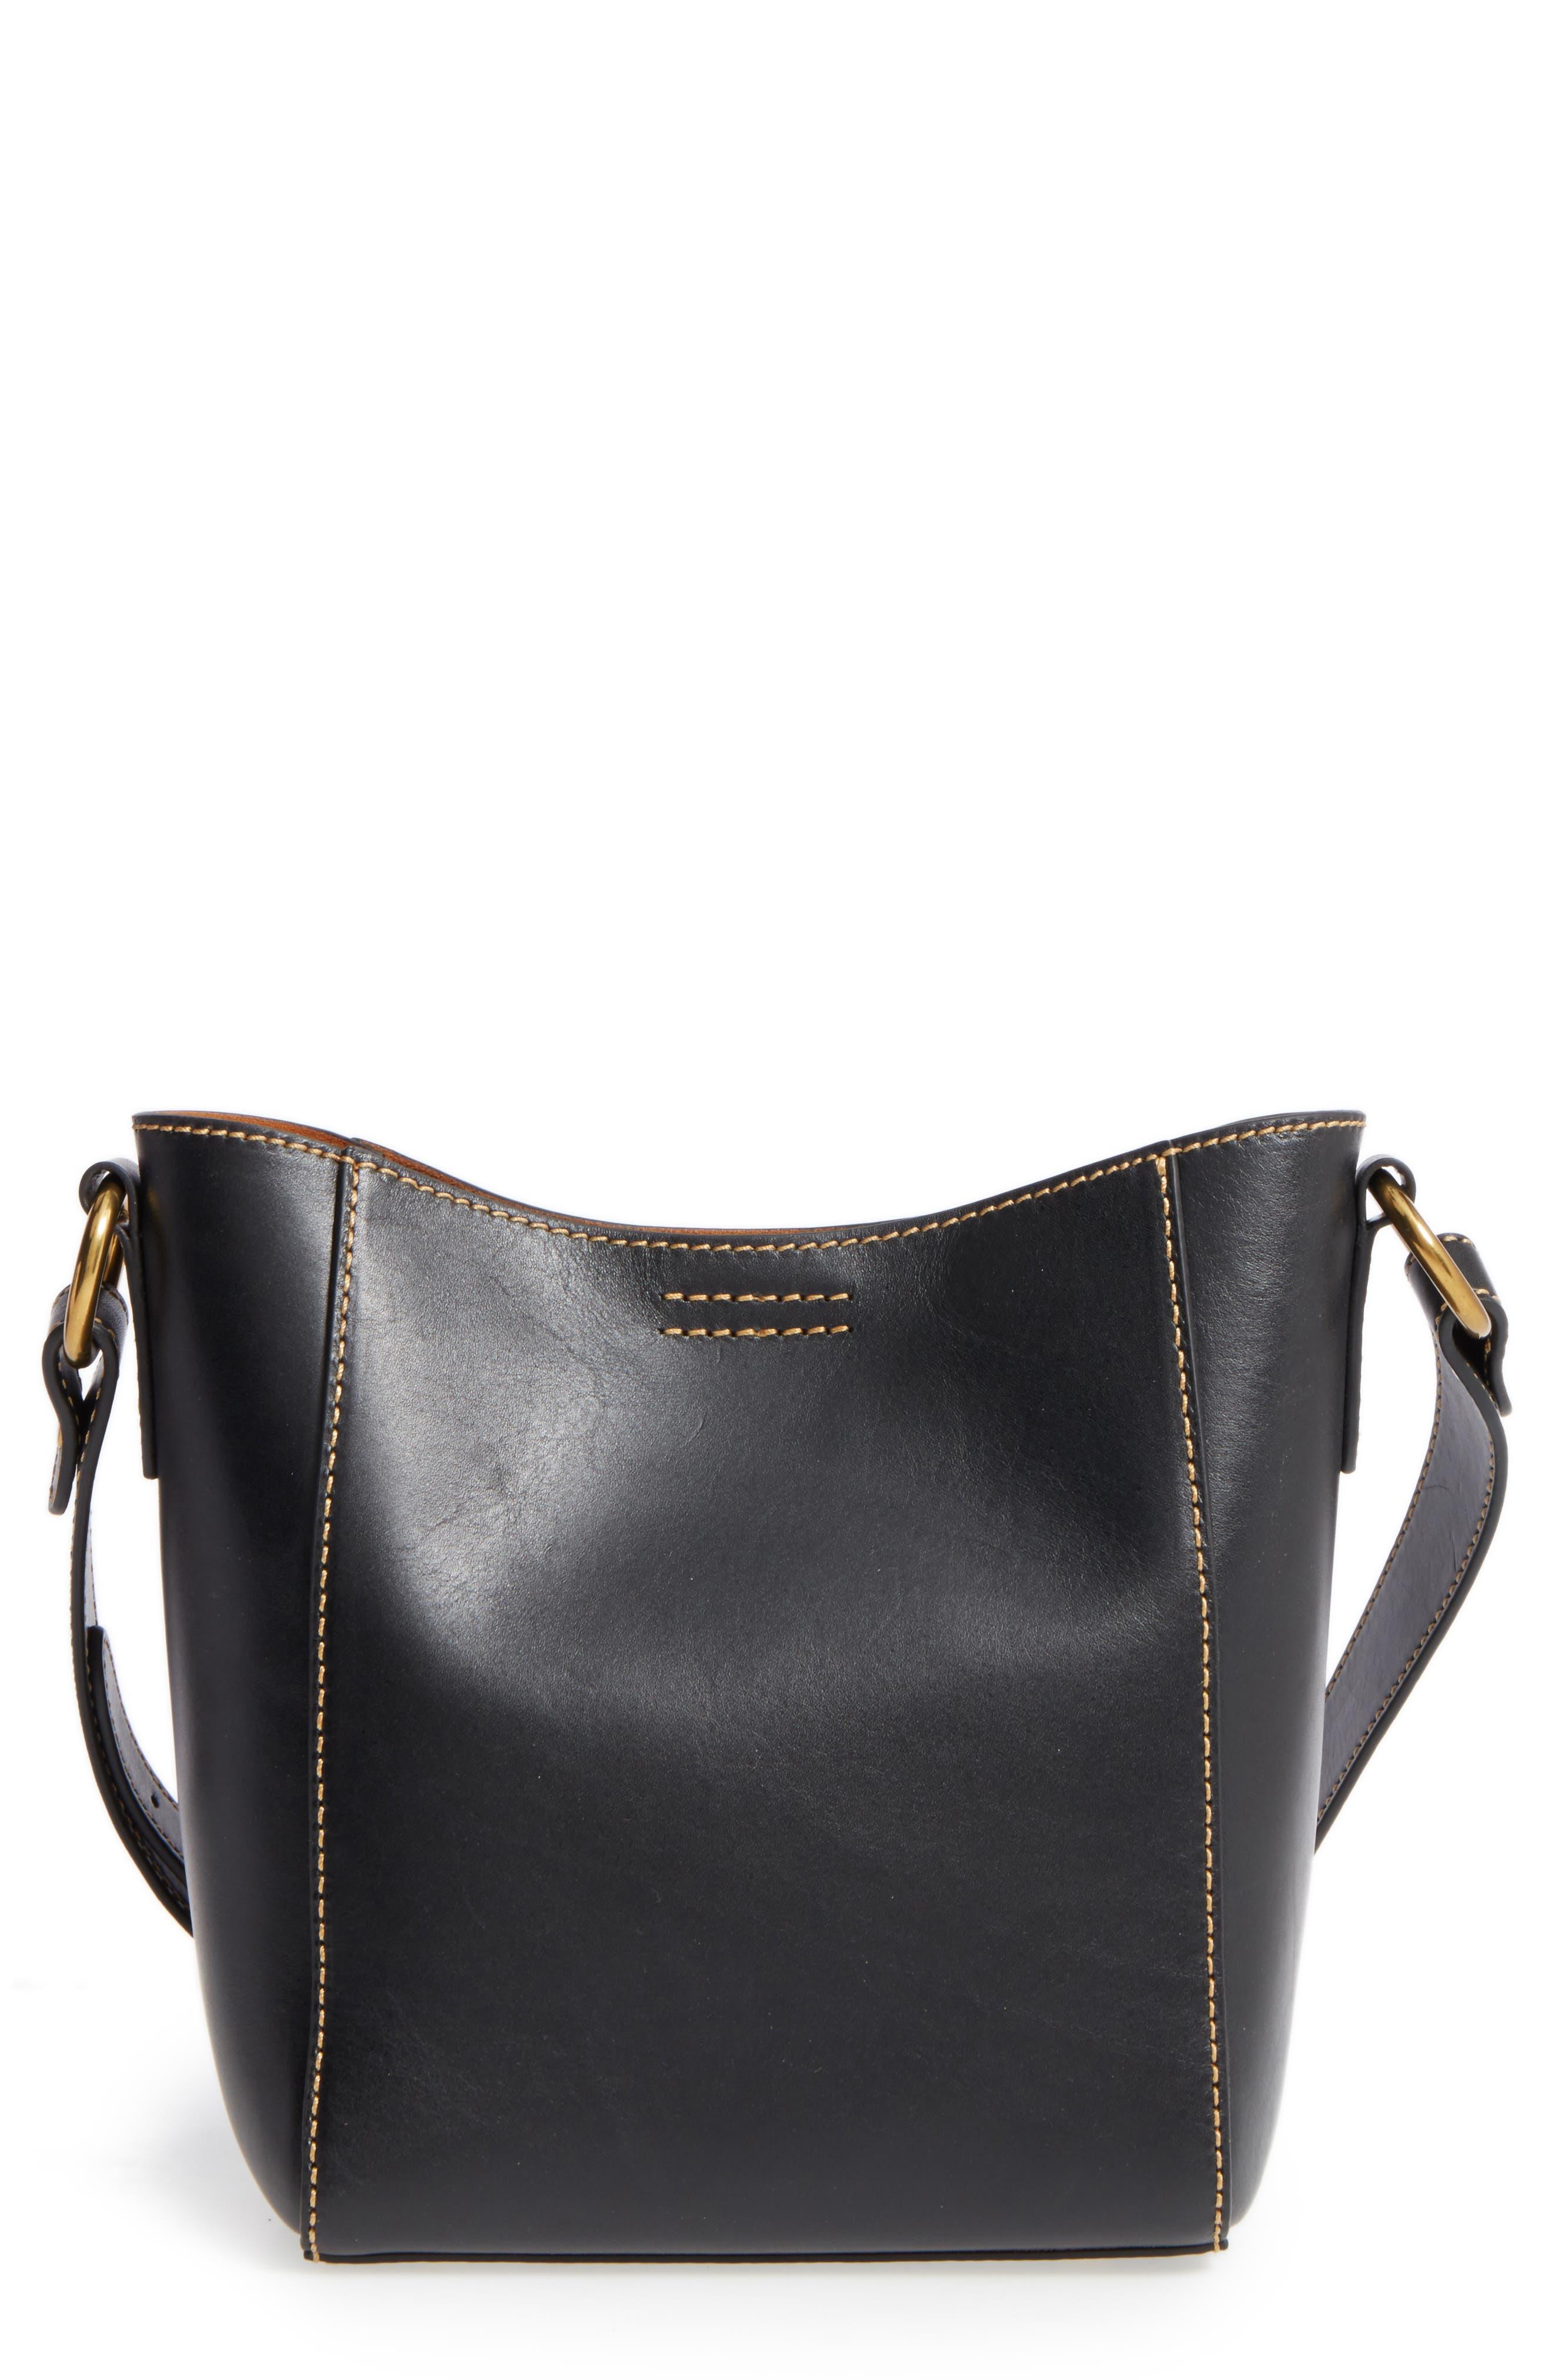 Frye Leather Bucket Bag